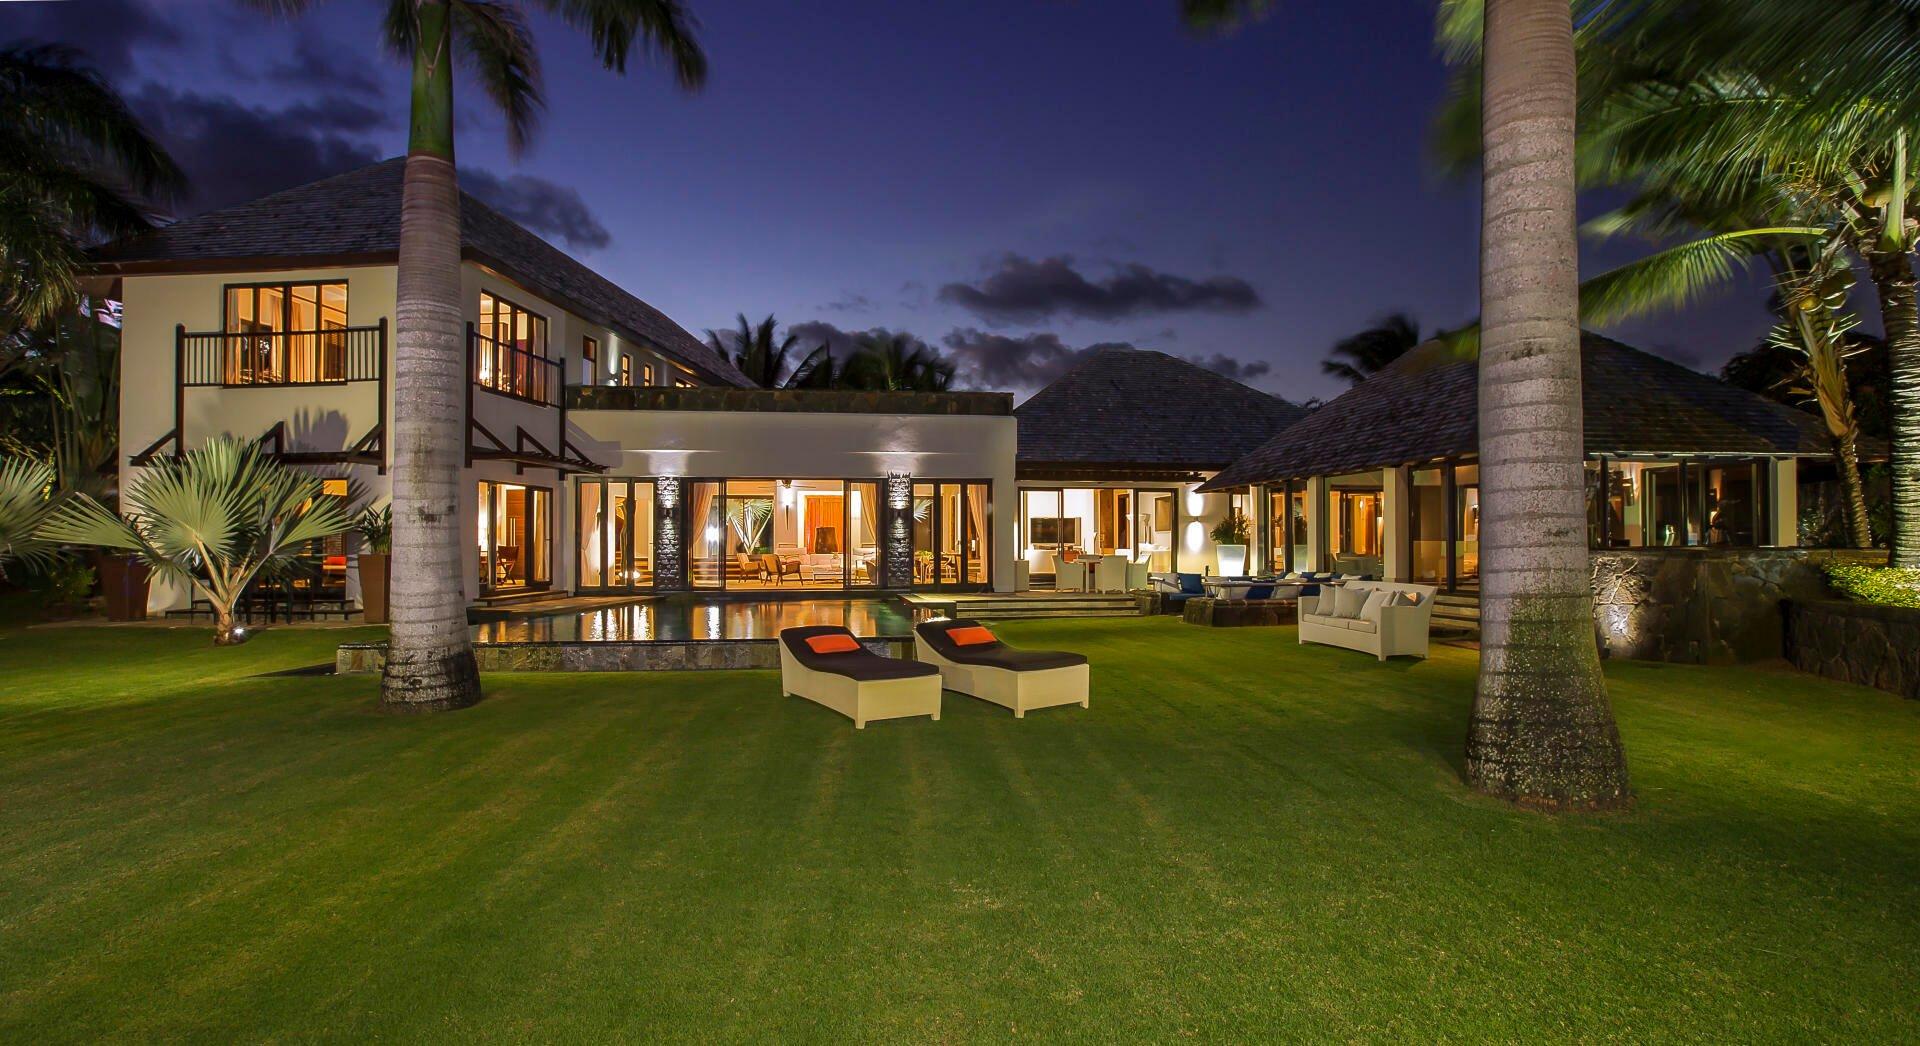 Villa in Beau Champ, Flacq District, Mauritius 1